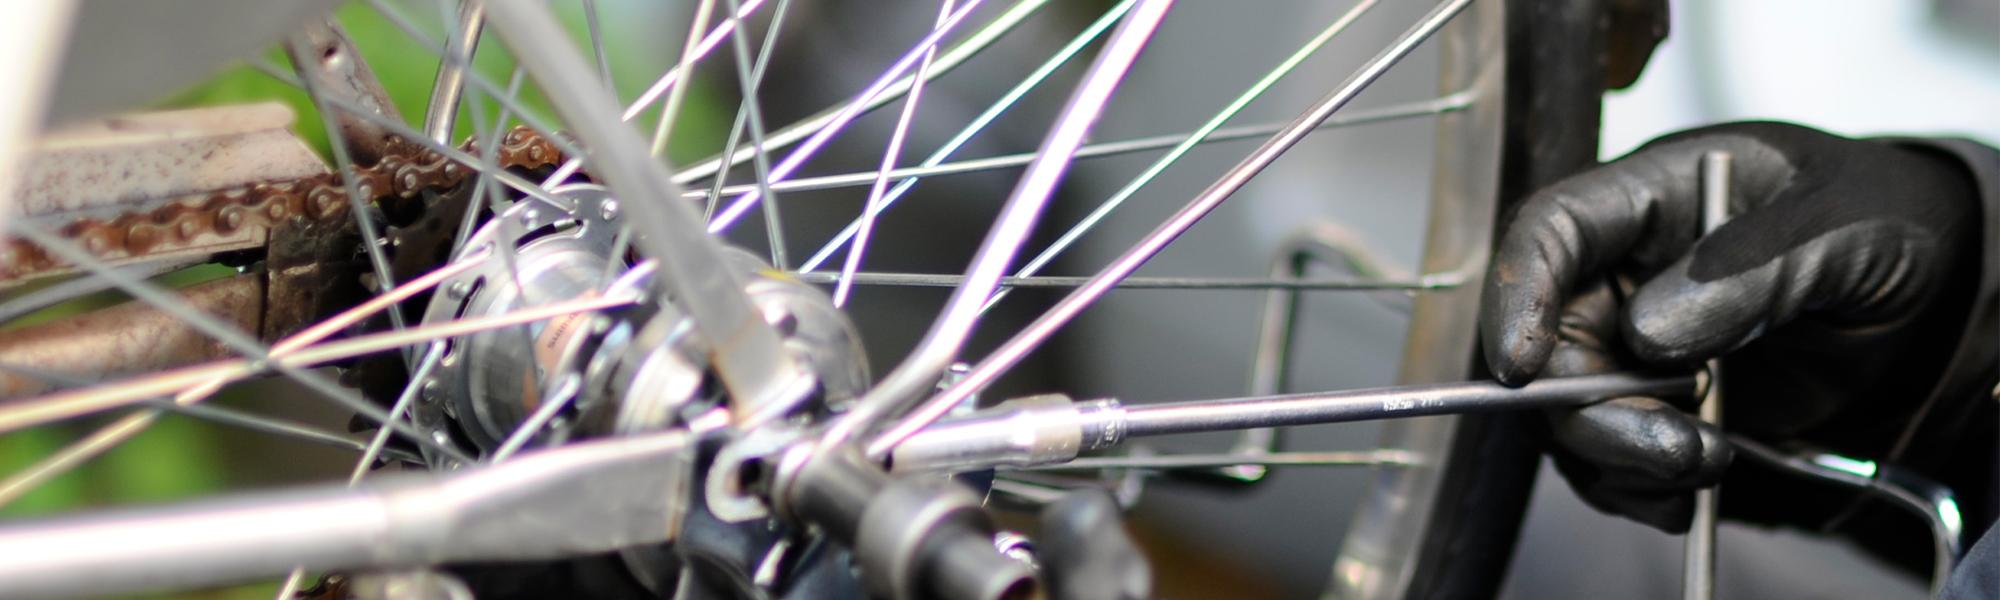 出張修理対応02|電動アシスト自転車オギヤマサイクル